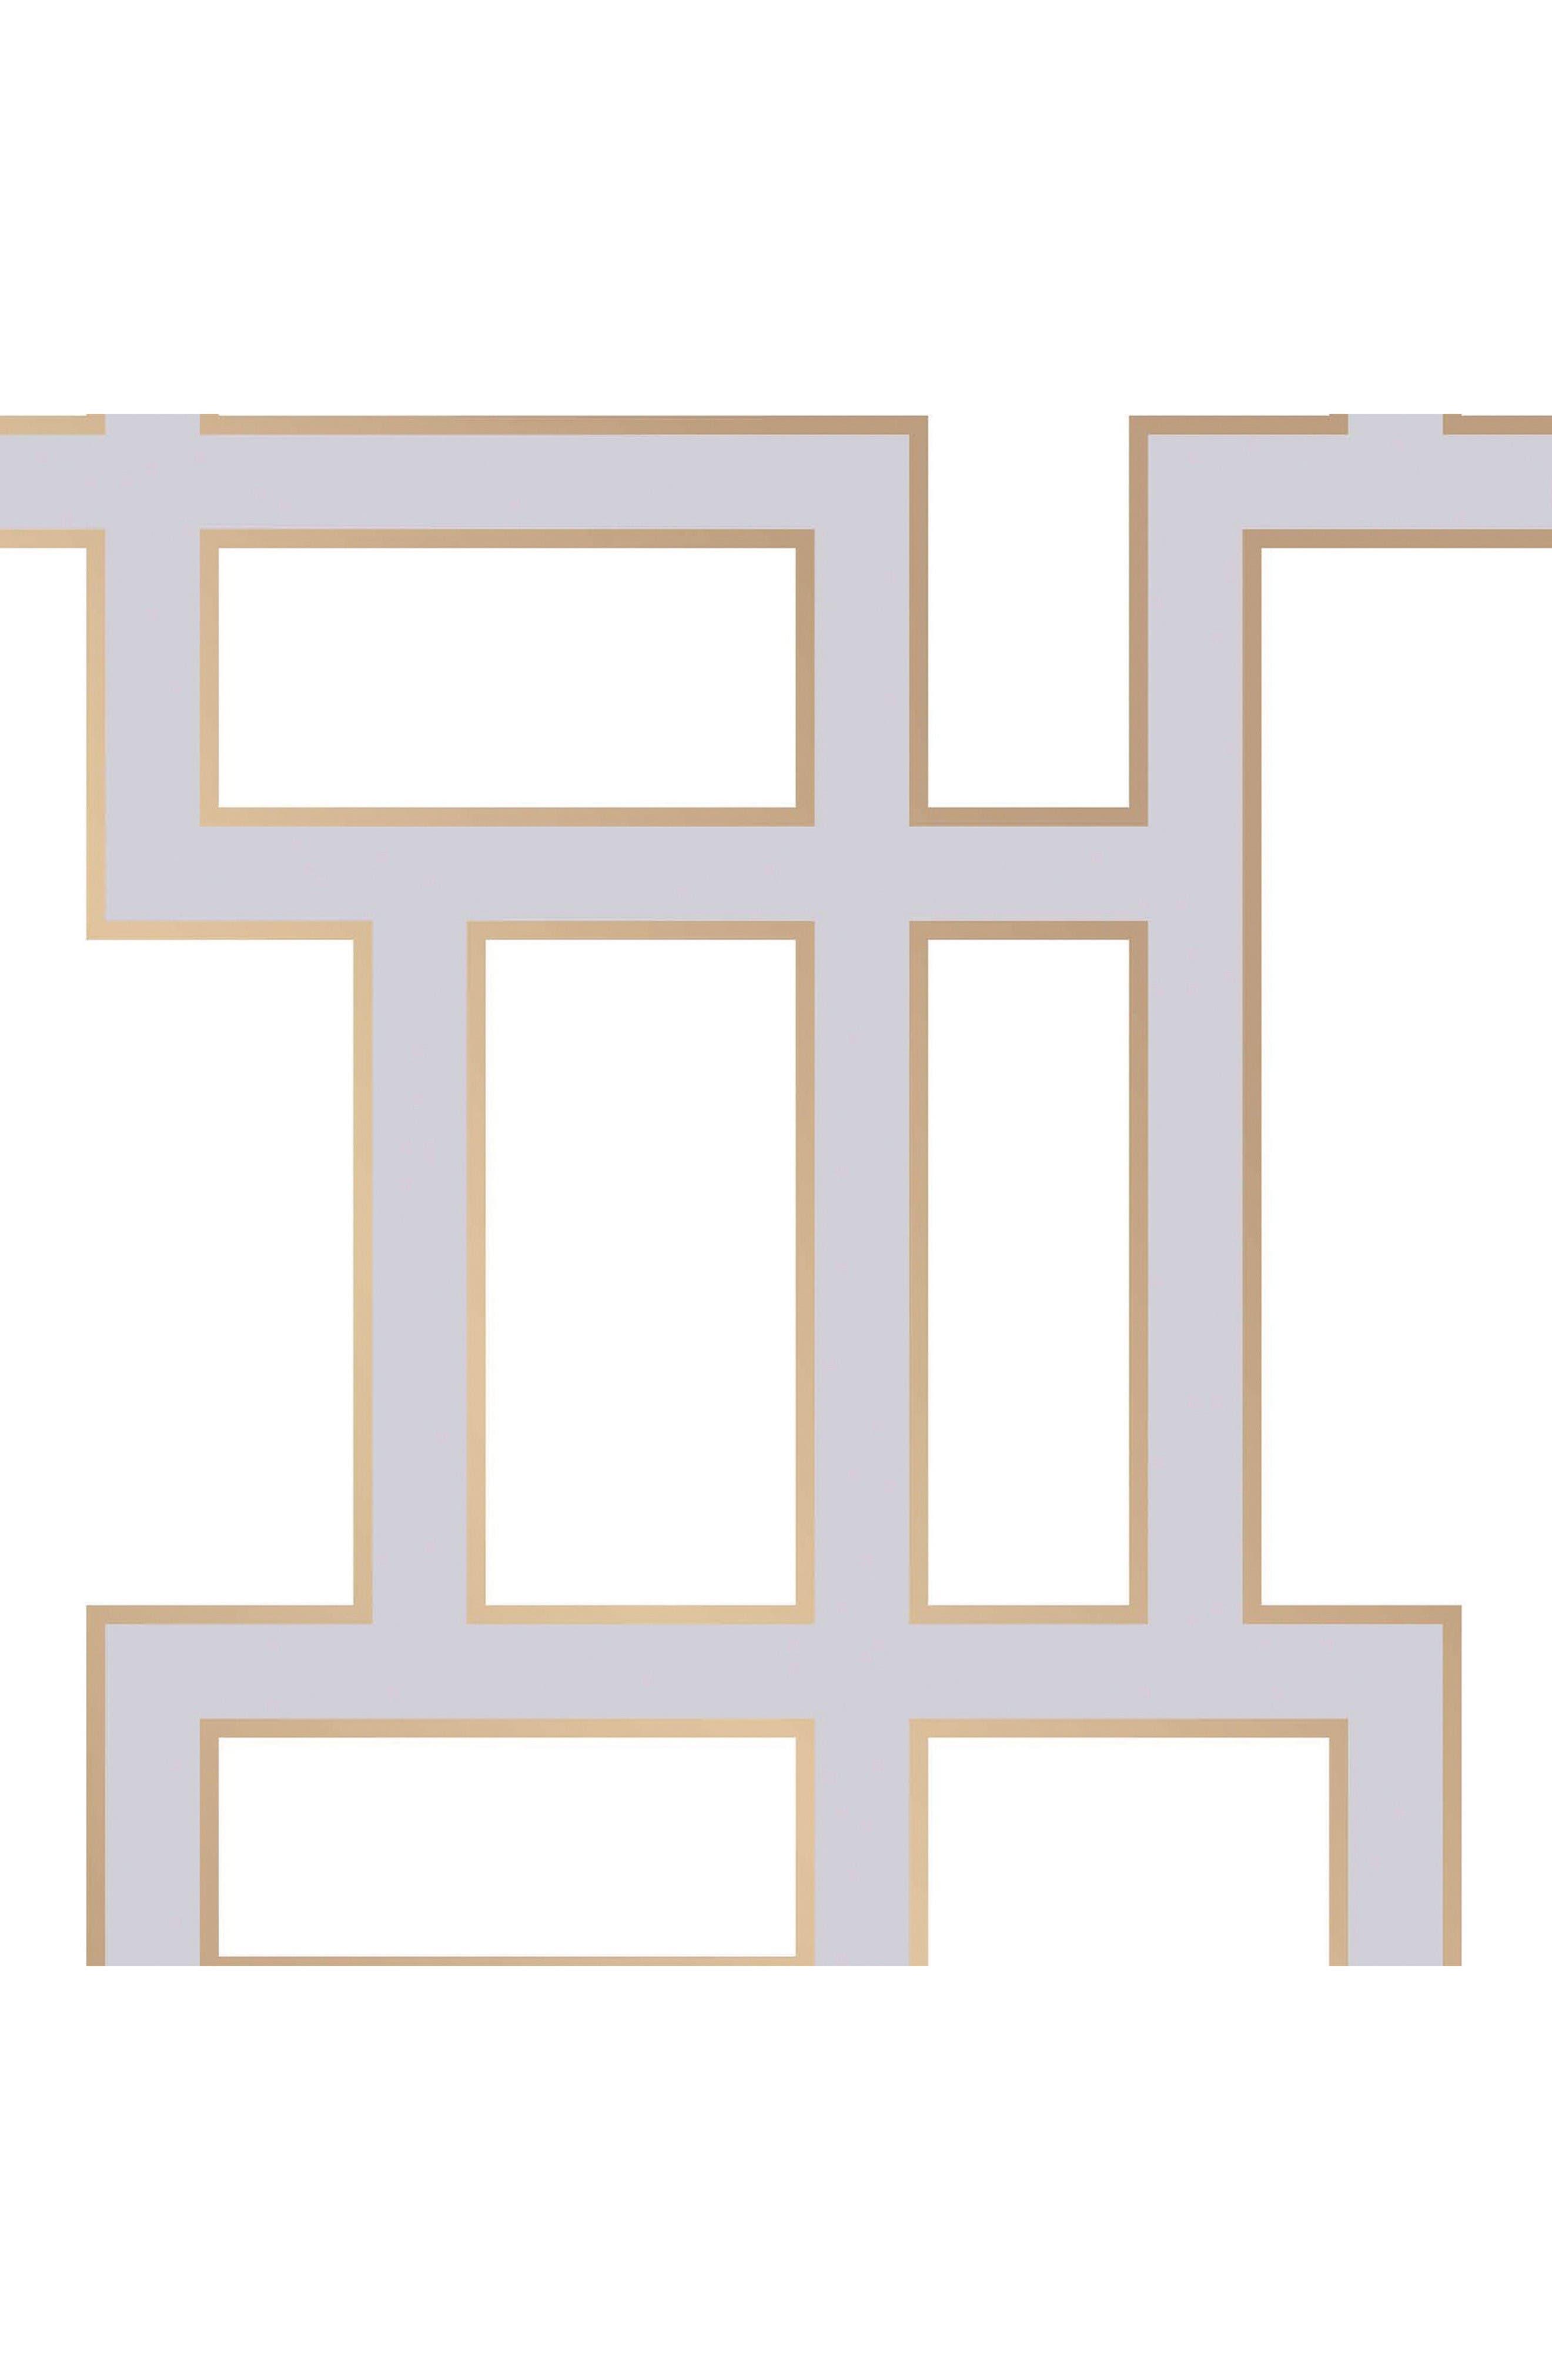 Tempaper Maze Self-Adhesive Vinyl Wallpaper